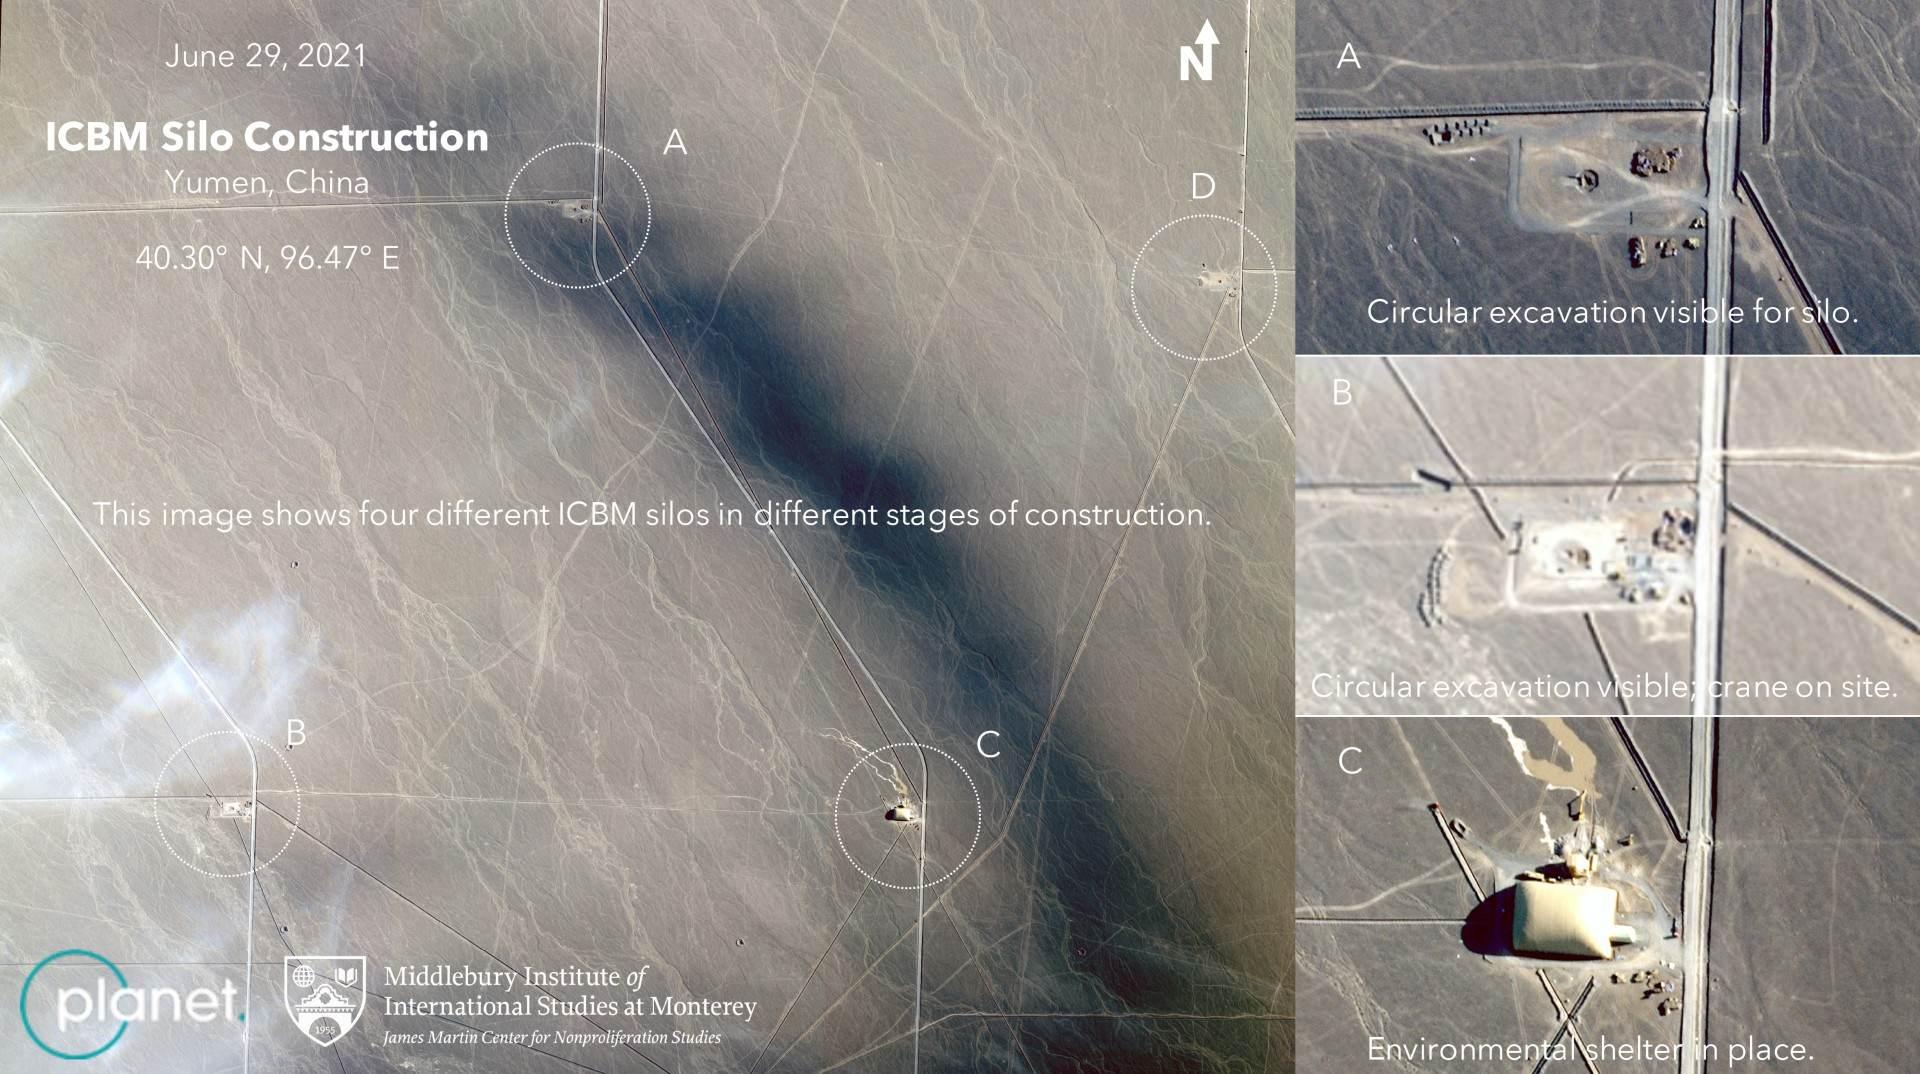 Imagens de satélite mostram silos de mísseis chineses em vários estágios